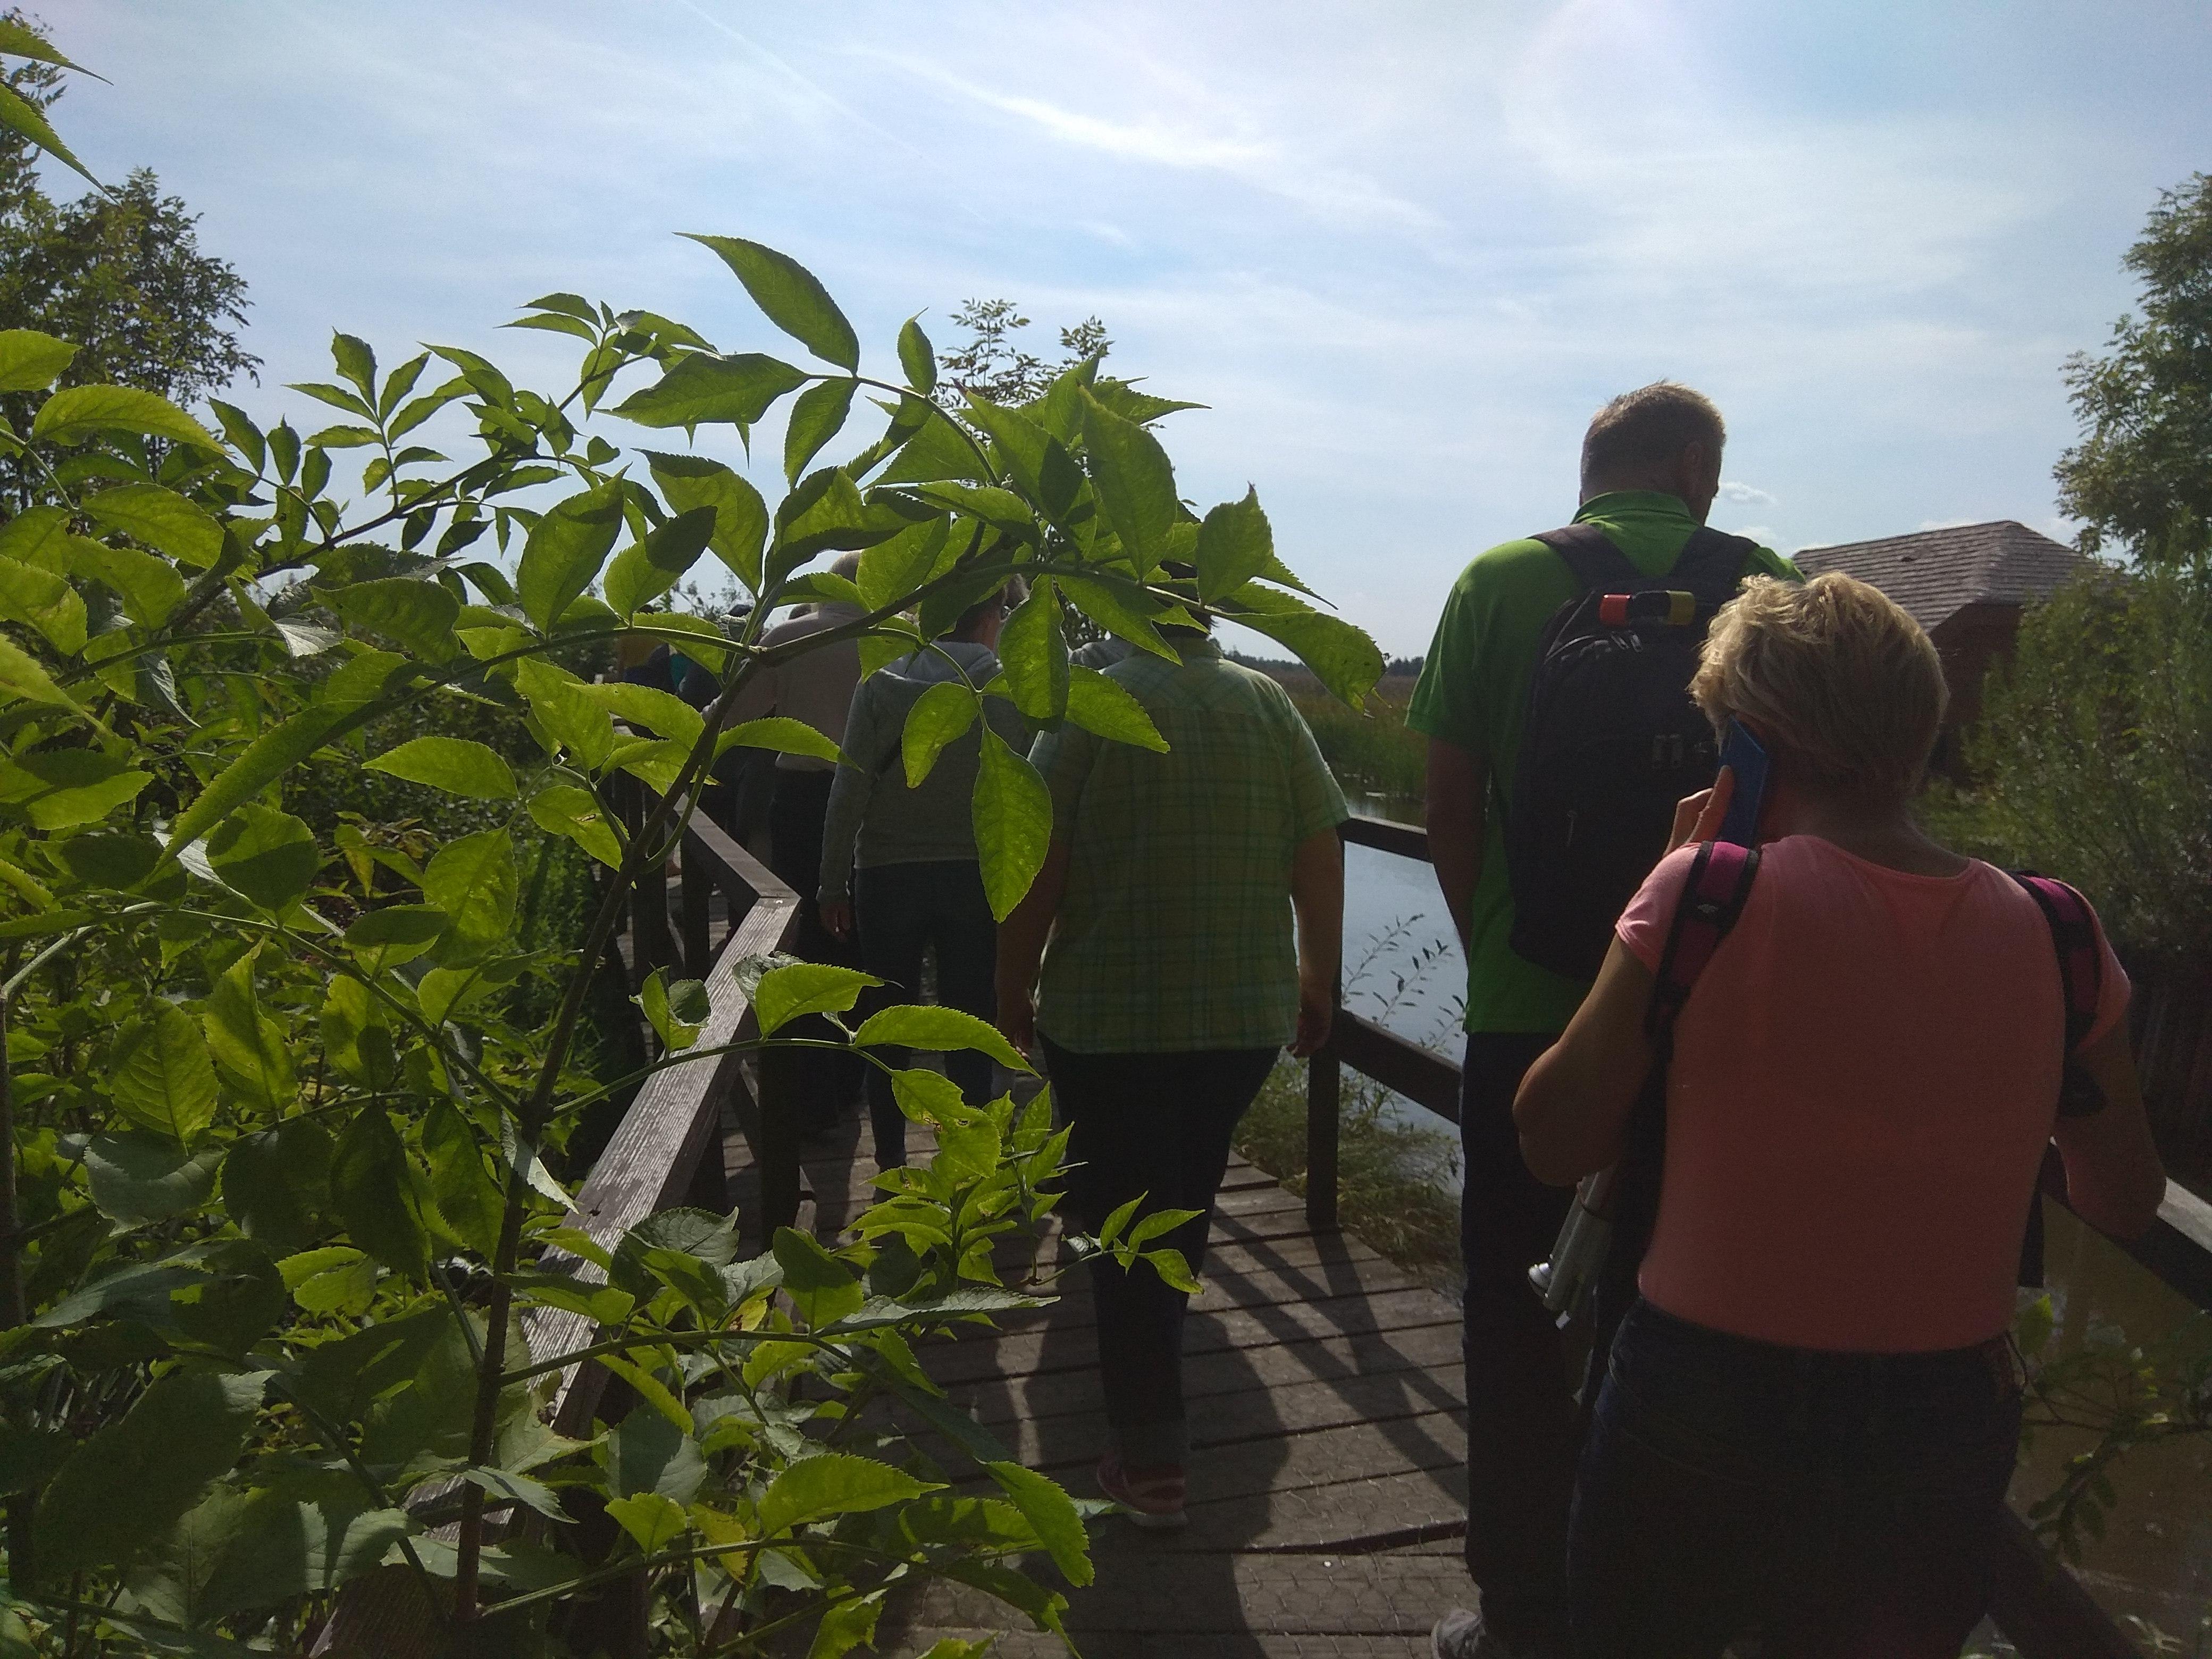 Troje zjazdowiczów na drewnianej kładce. Z lewej strony zbliżenie na wysoki krzew, soczyście zielony, z prawej strony kładki płynie Narew.